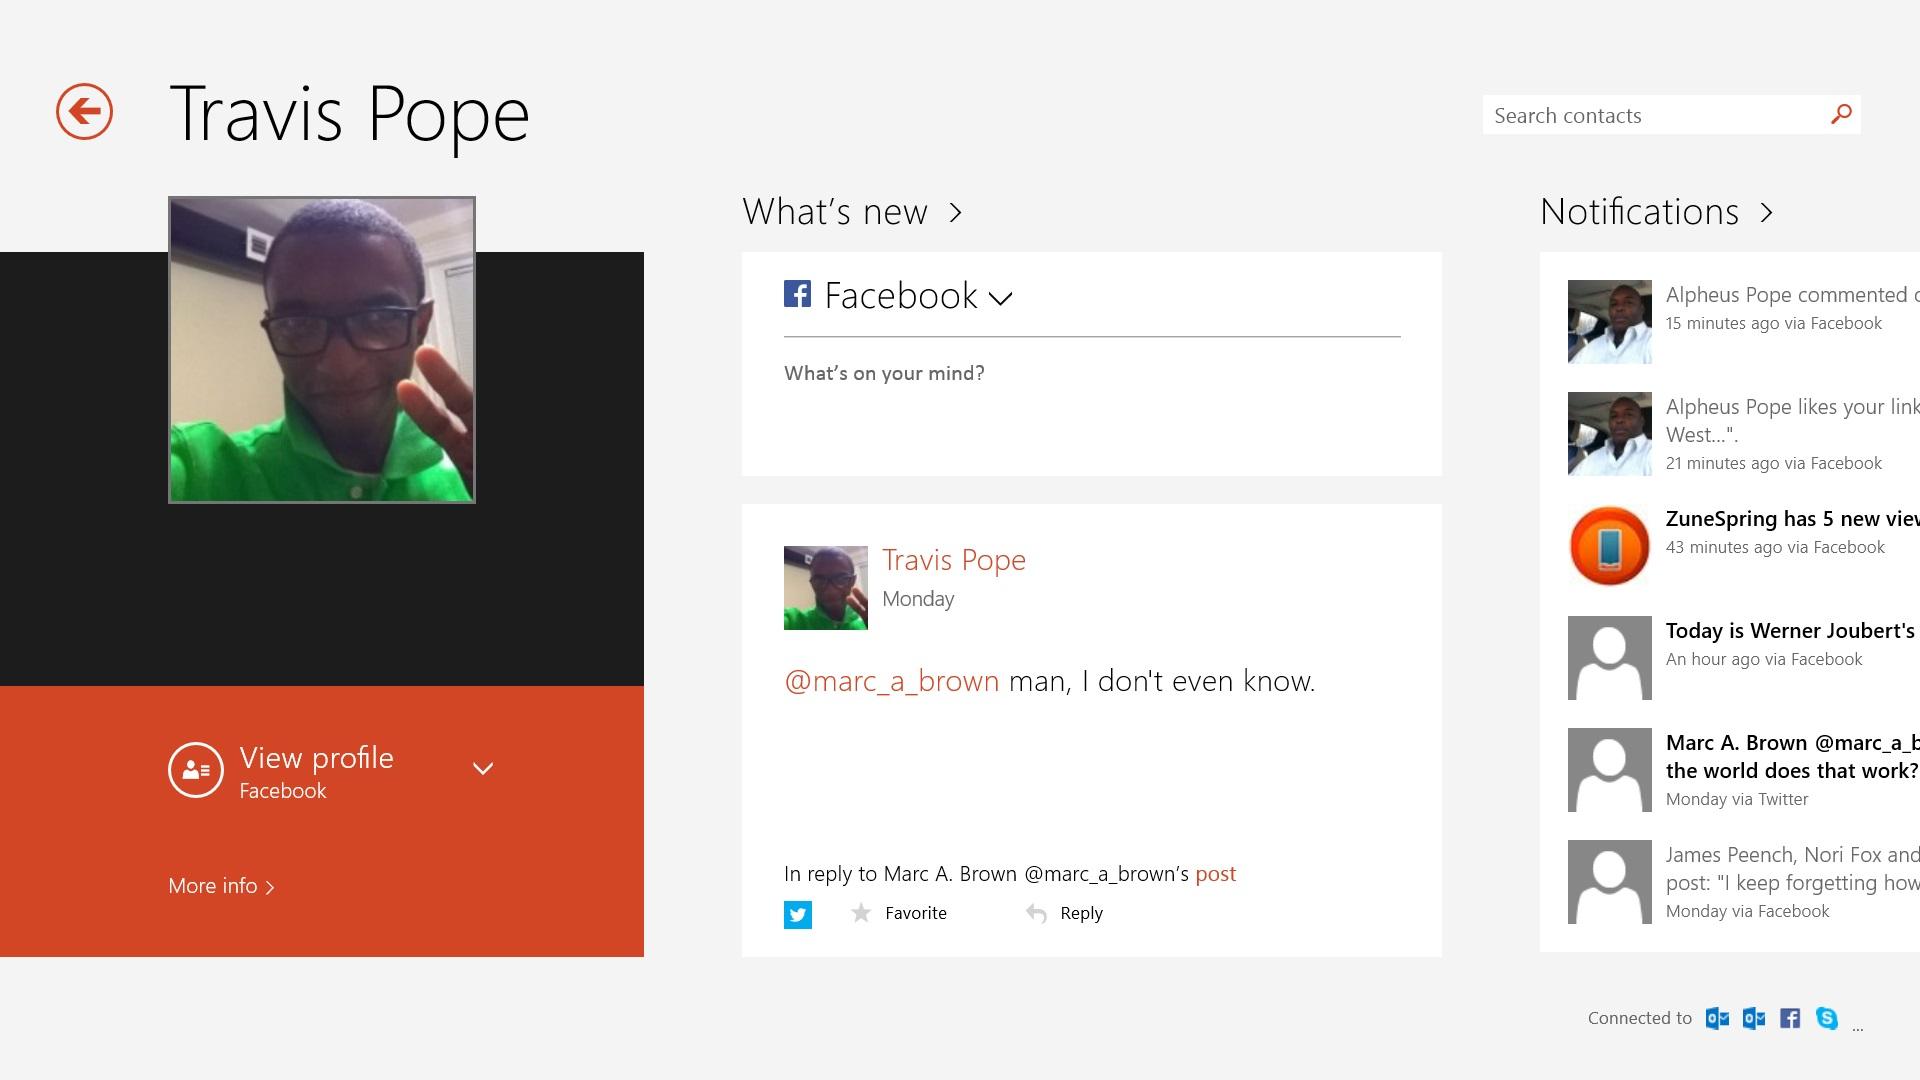 Så här använder du Facebook på Windows 8.1 (10)